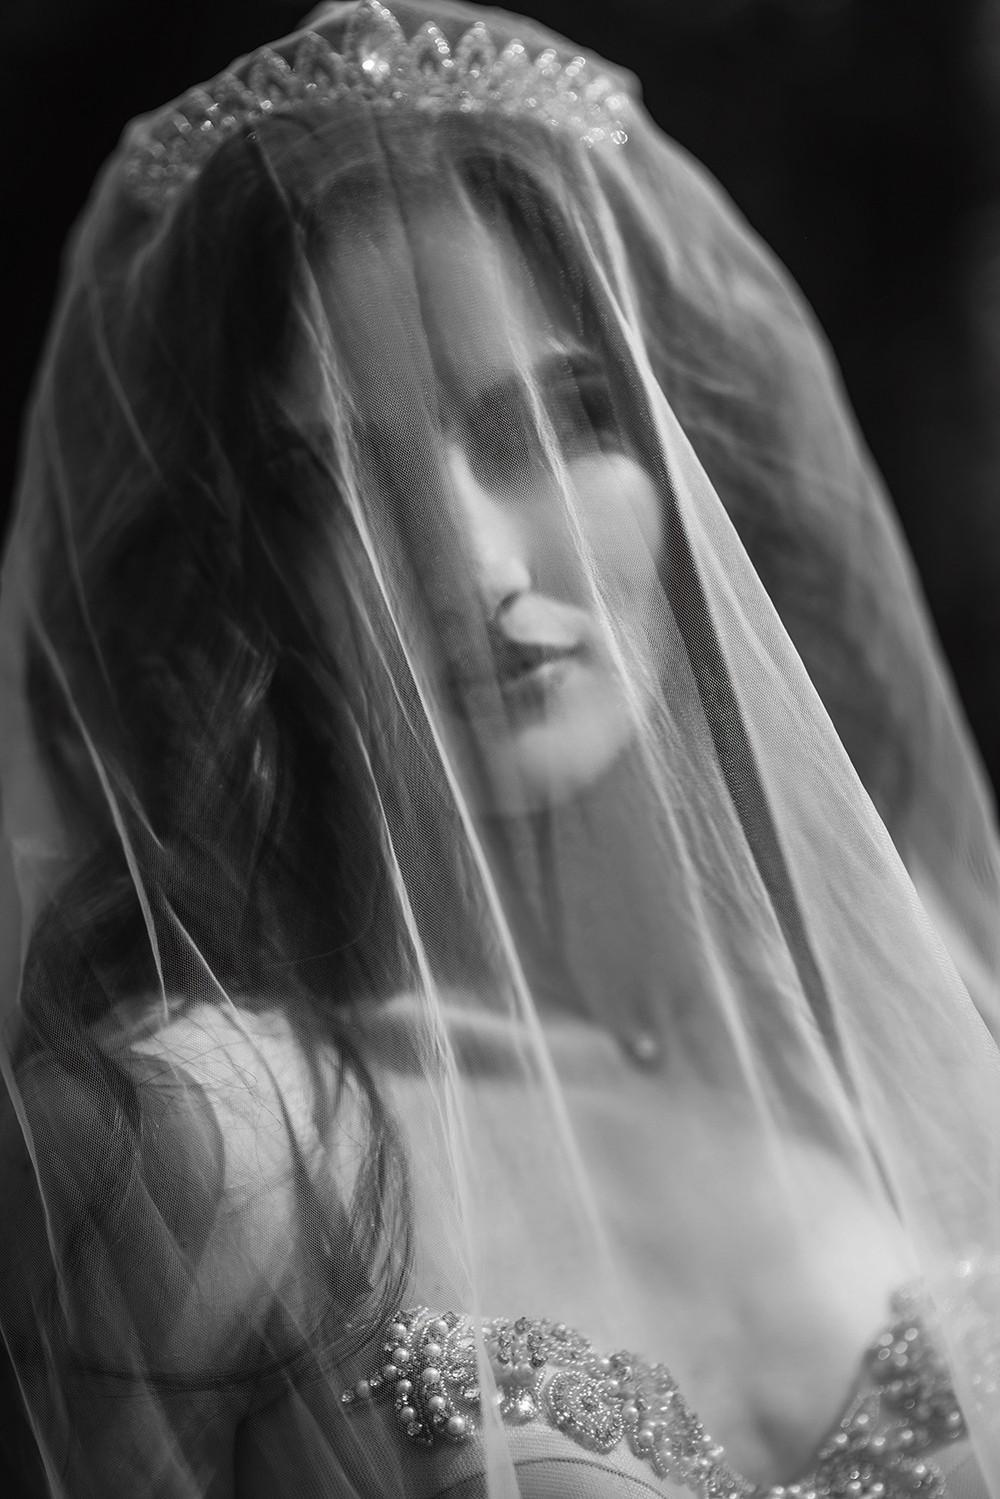 Свадебная фотосъемка и лав стори - Яна, сентябрь